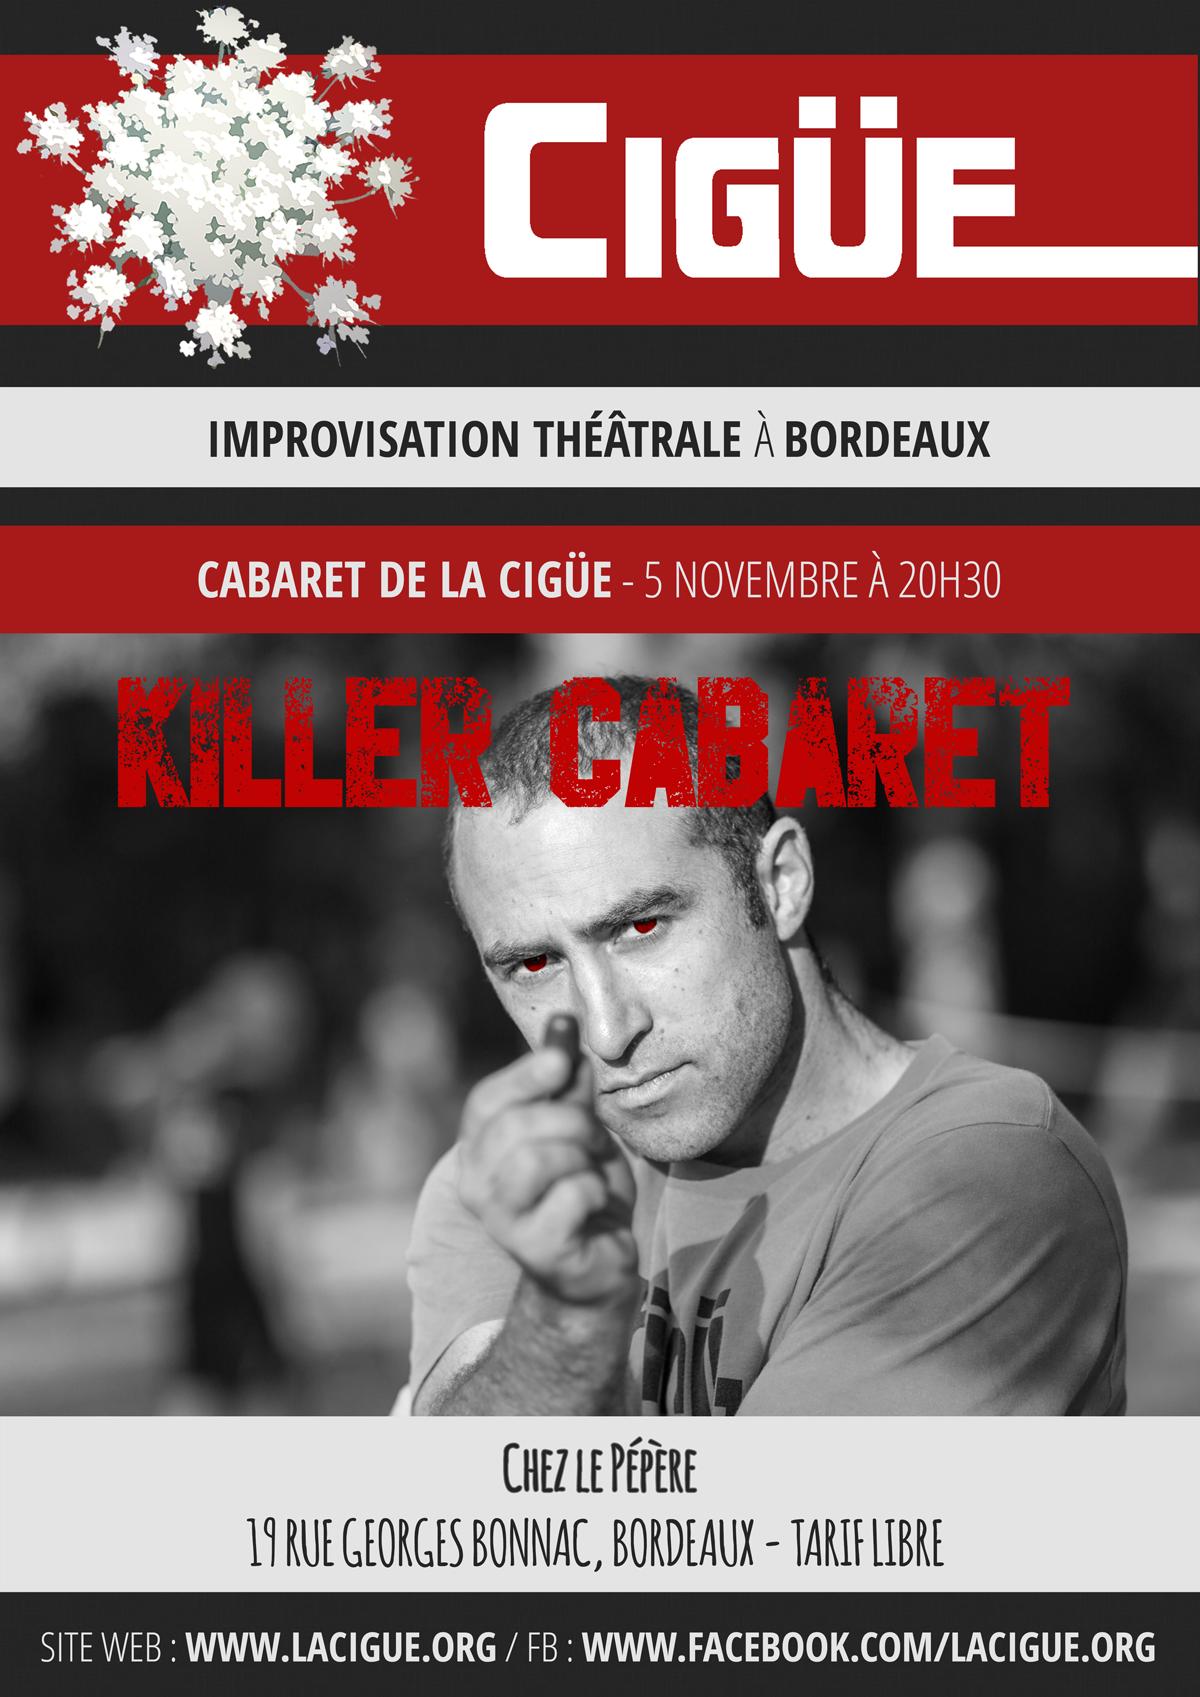 Killer Cabaret